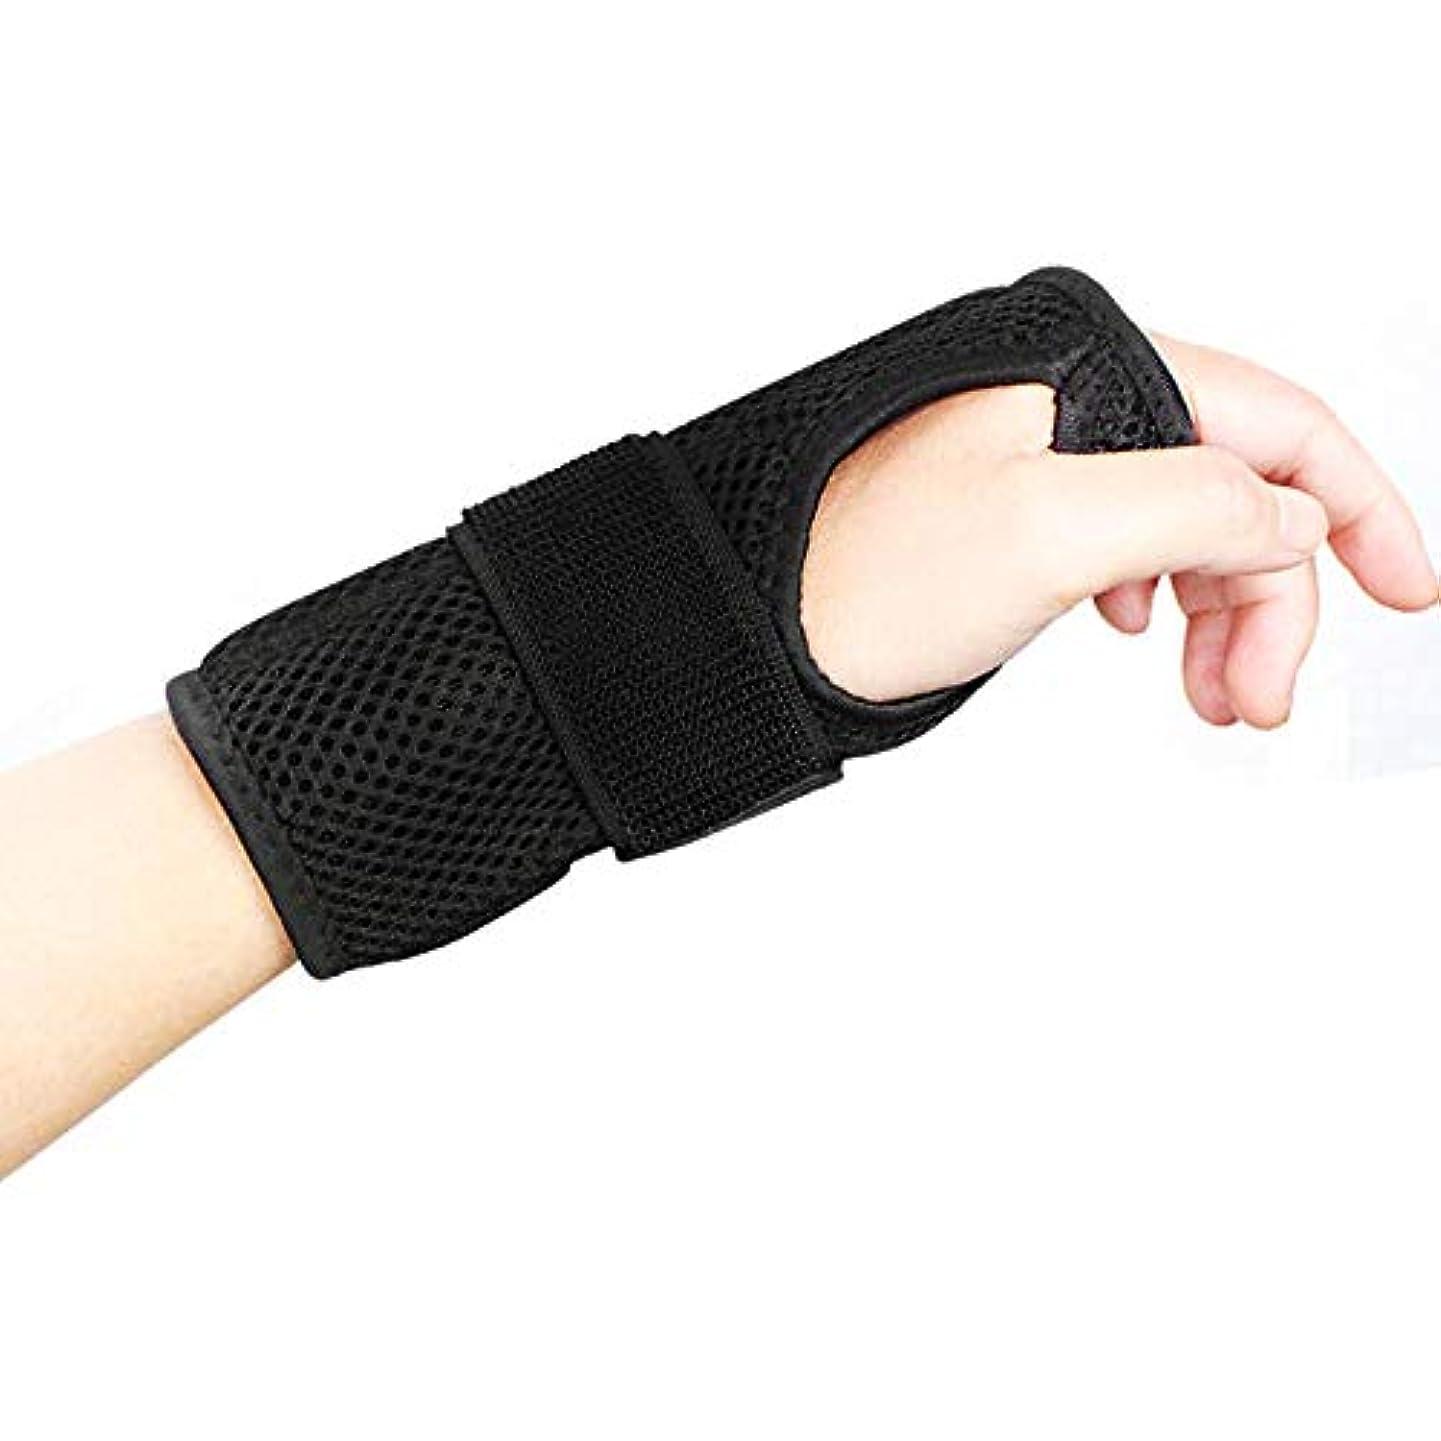 鹿ちらつきテセウス手首サポートブレーススプリントは、怪我、スポーツ、ジム、繰り返しの緊張などのために医学的に承認された調整可能な弾性ブレースです デザイン,Righthand,M